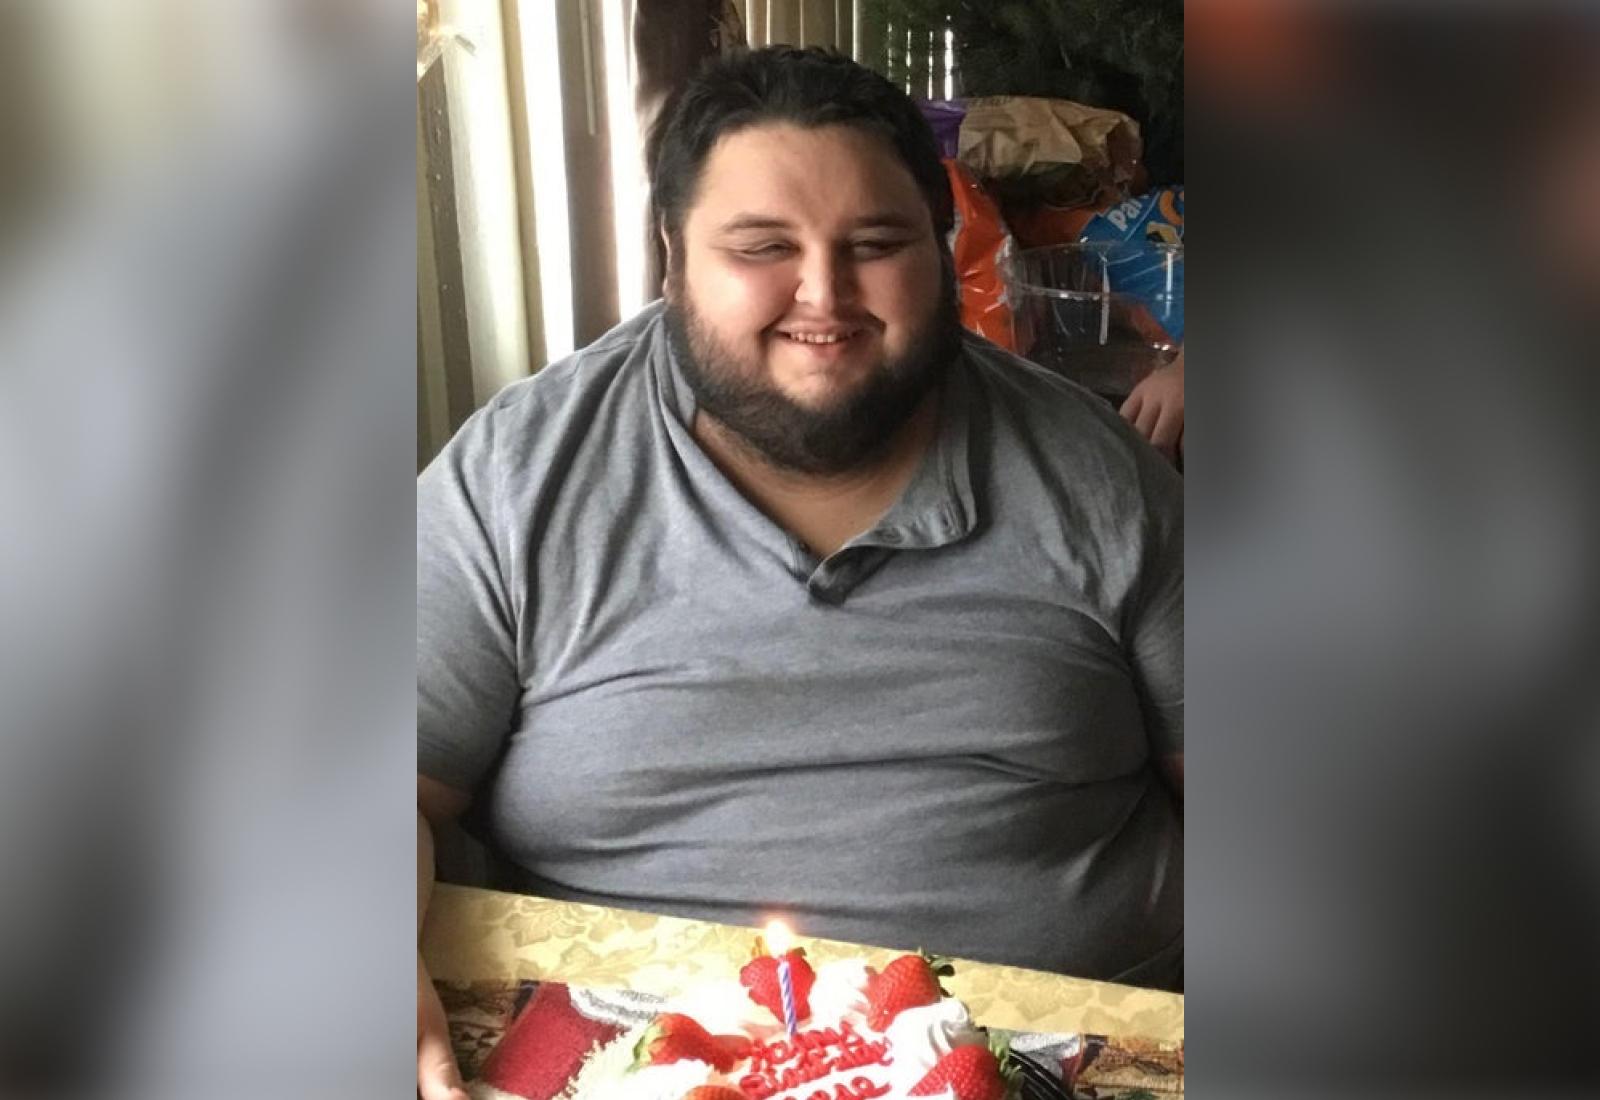 Толстяк сбросил треть веса за пару лет, чтобы впервые в жизни не чувствовать ненависть к своему телу